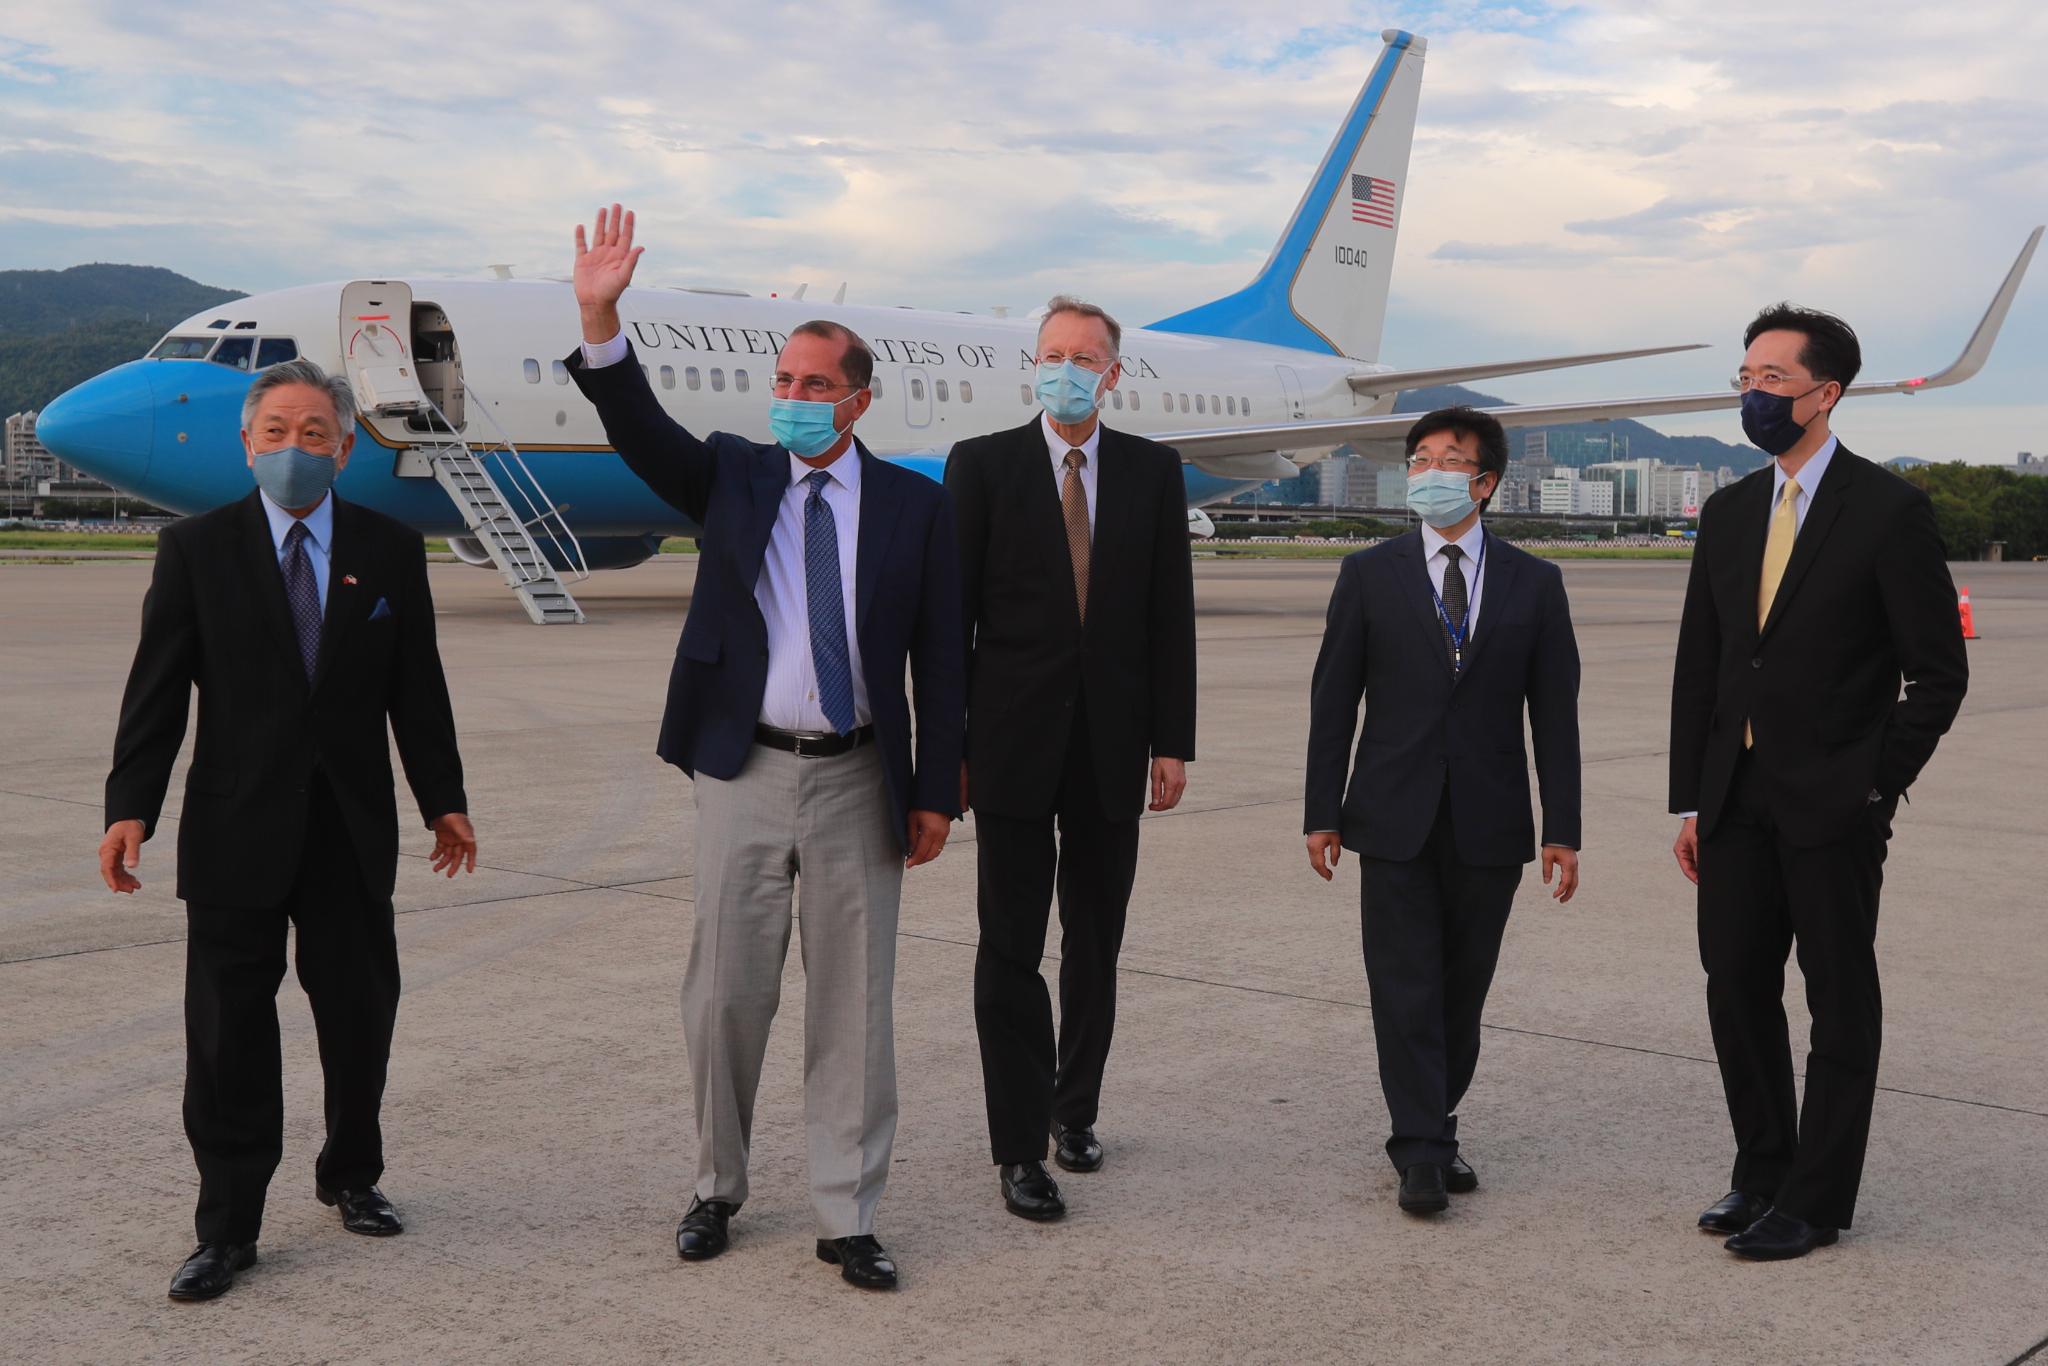 美衛生部長阿扎爾返國 結束四天訪台行程